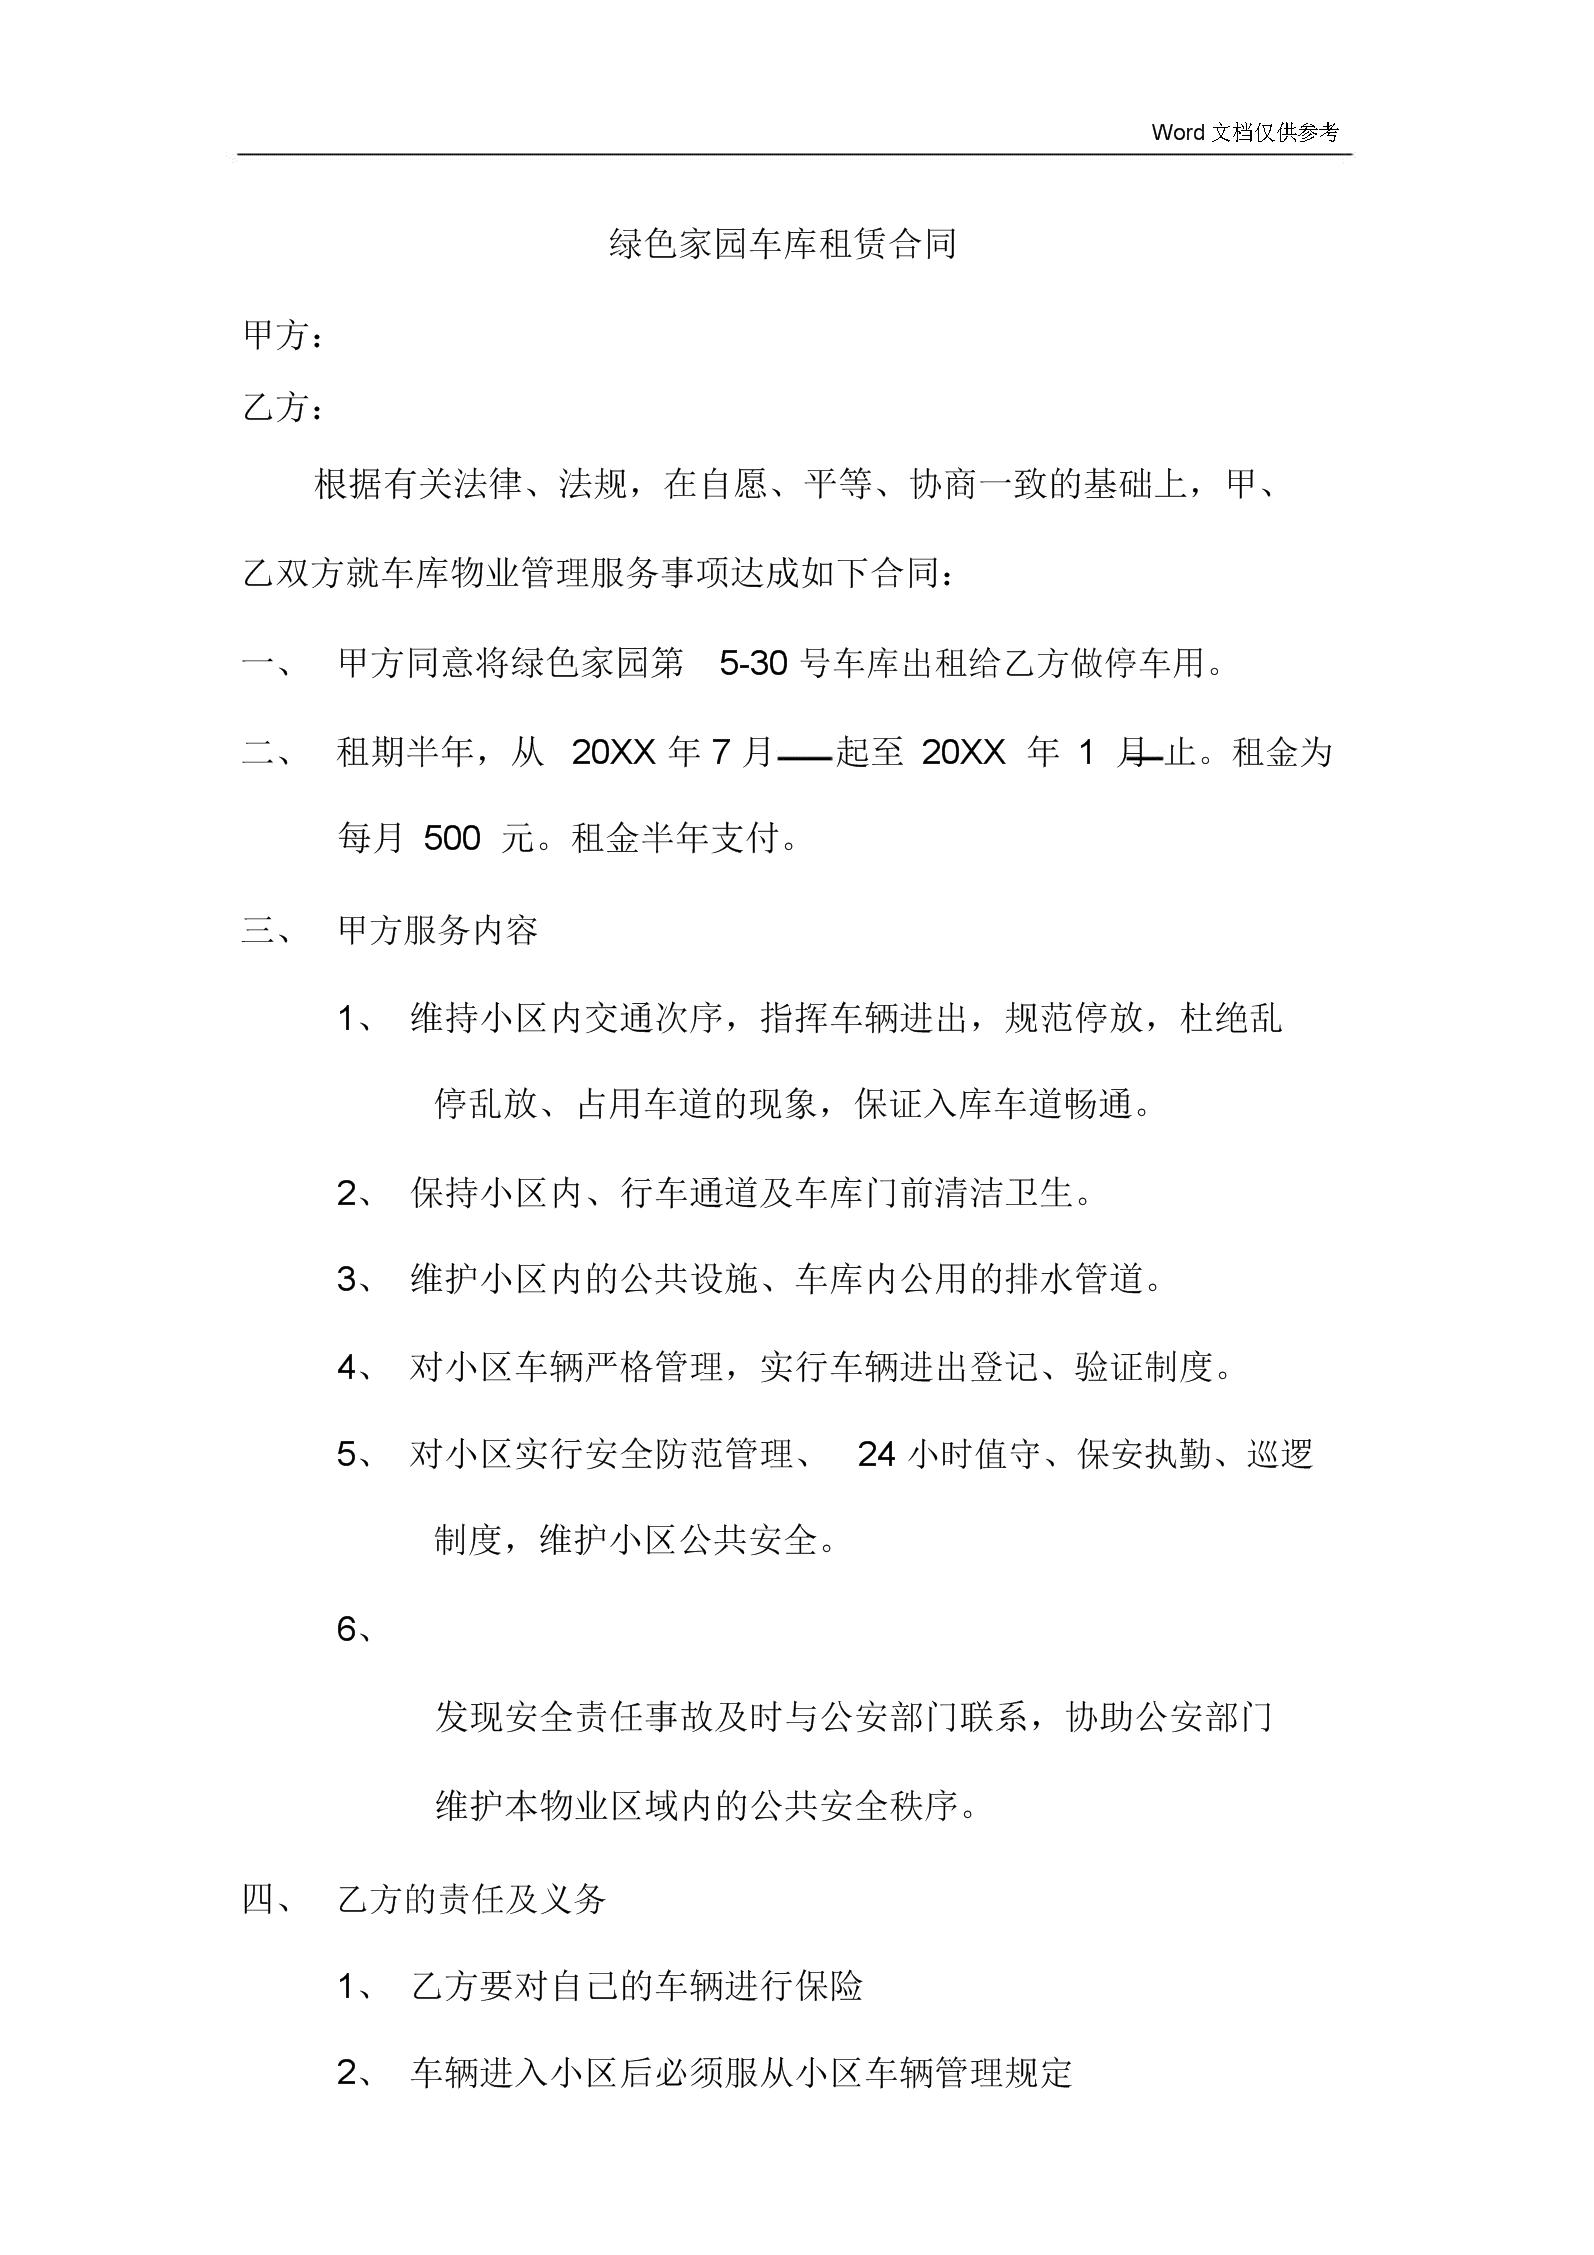 绿色家园车库租赁合同.模板参考.doc